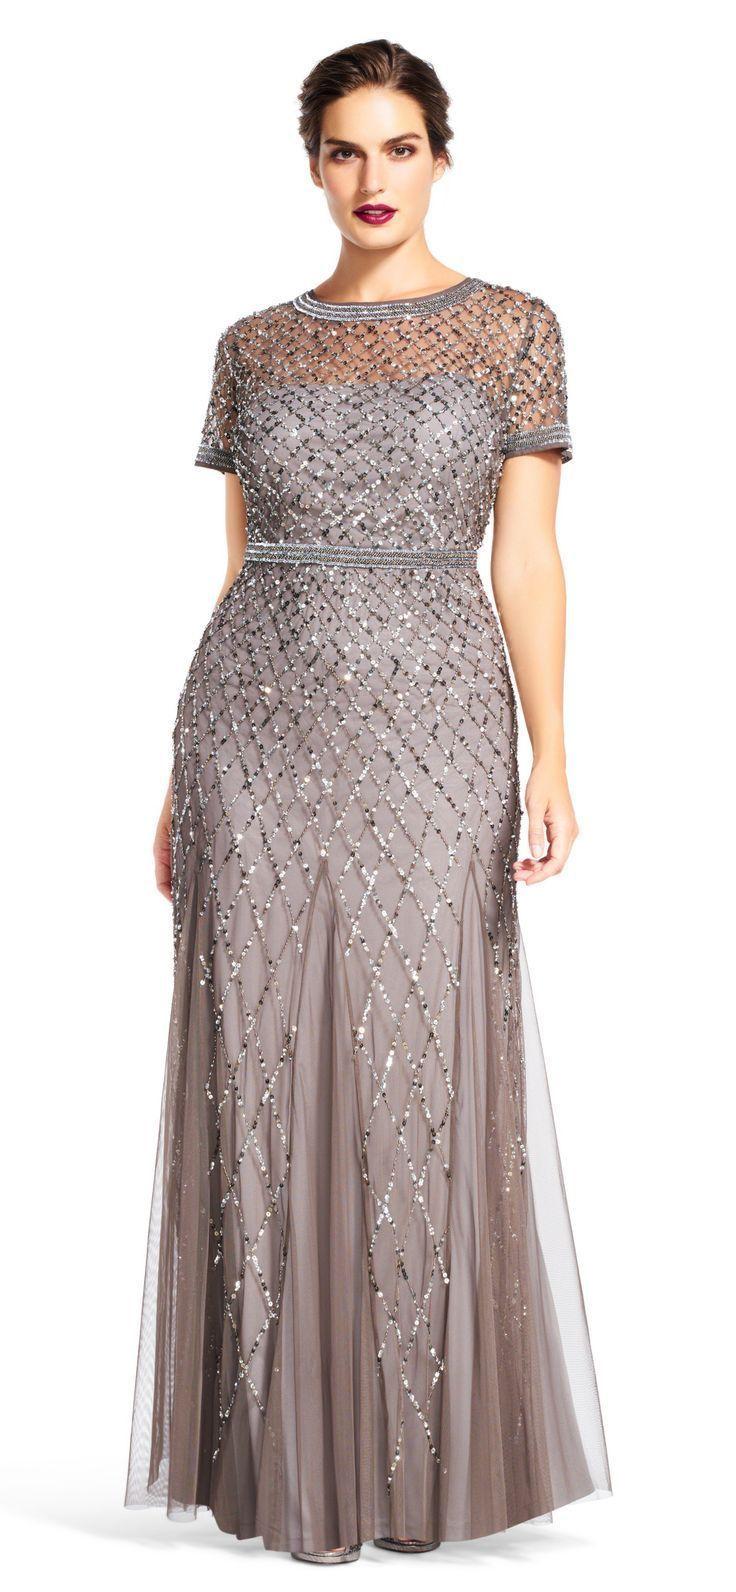 24 Plus Size Long Wedding Guest Dresses